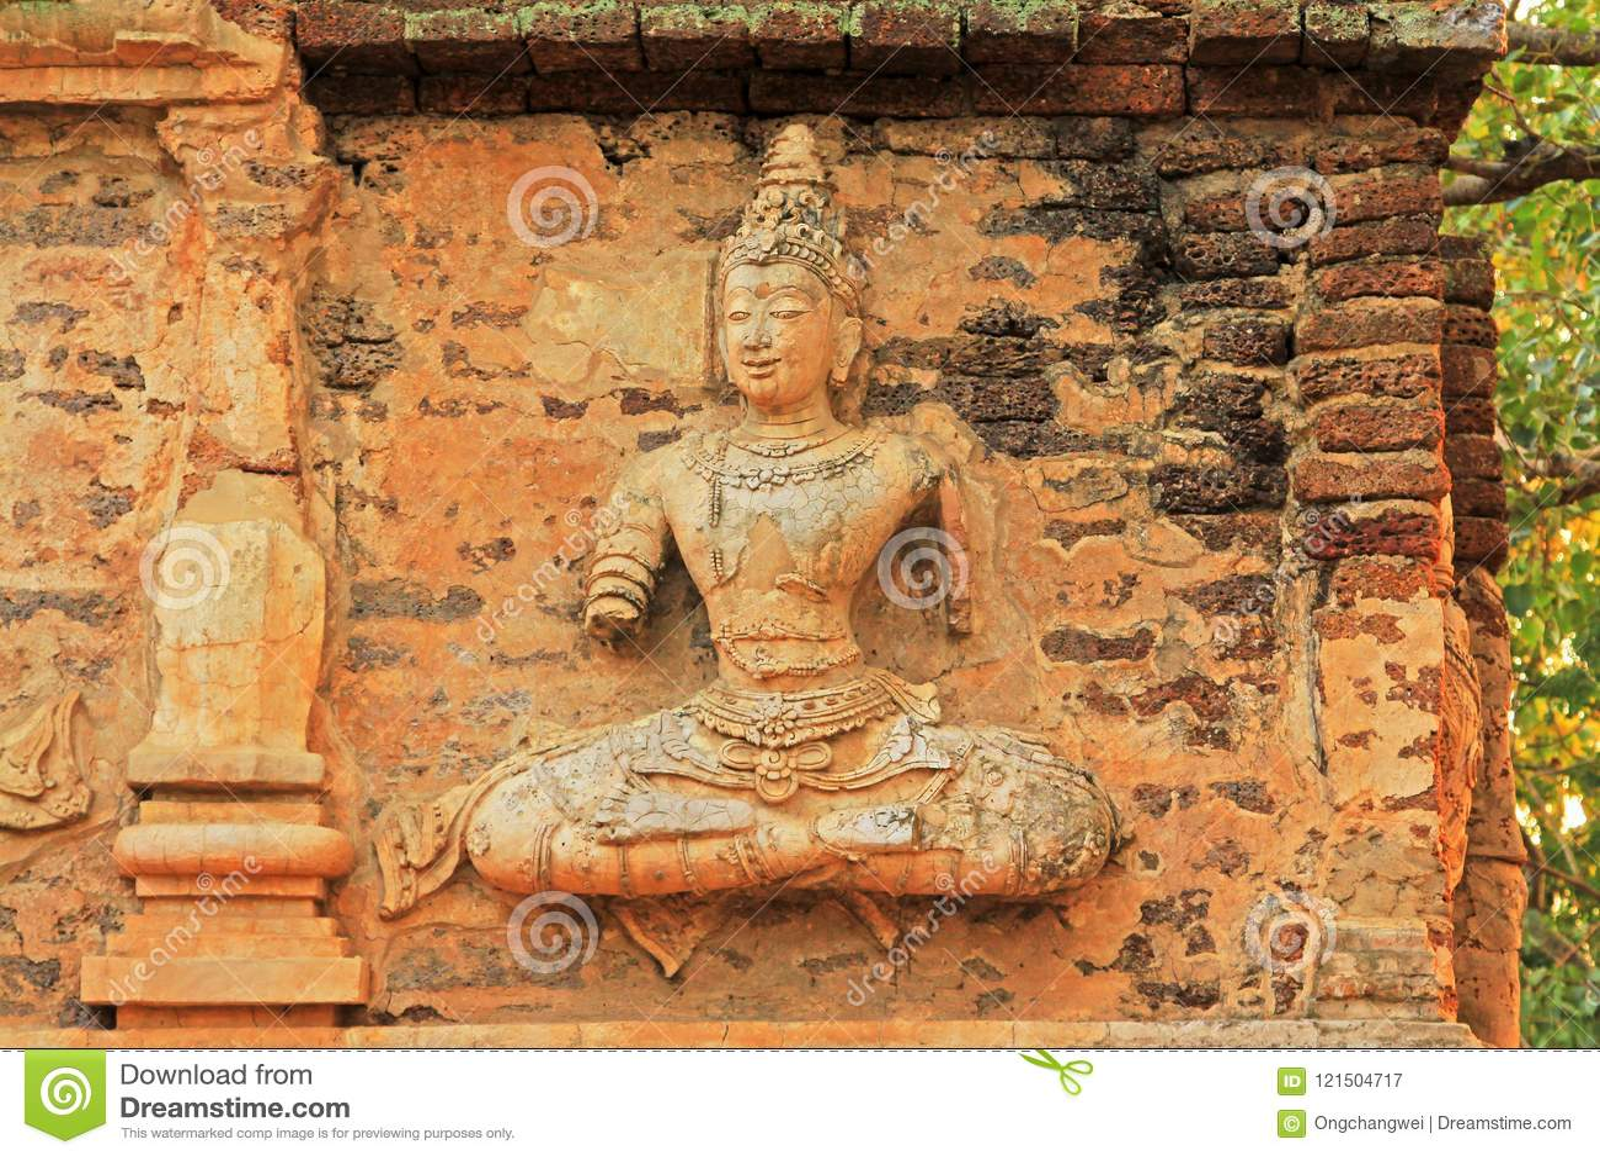 Εικόνα του Βούδα σε Wat Jed Yod, Chiang Mai, Ταϊλάνδη